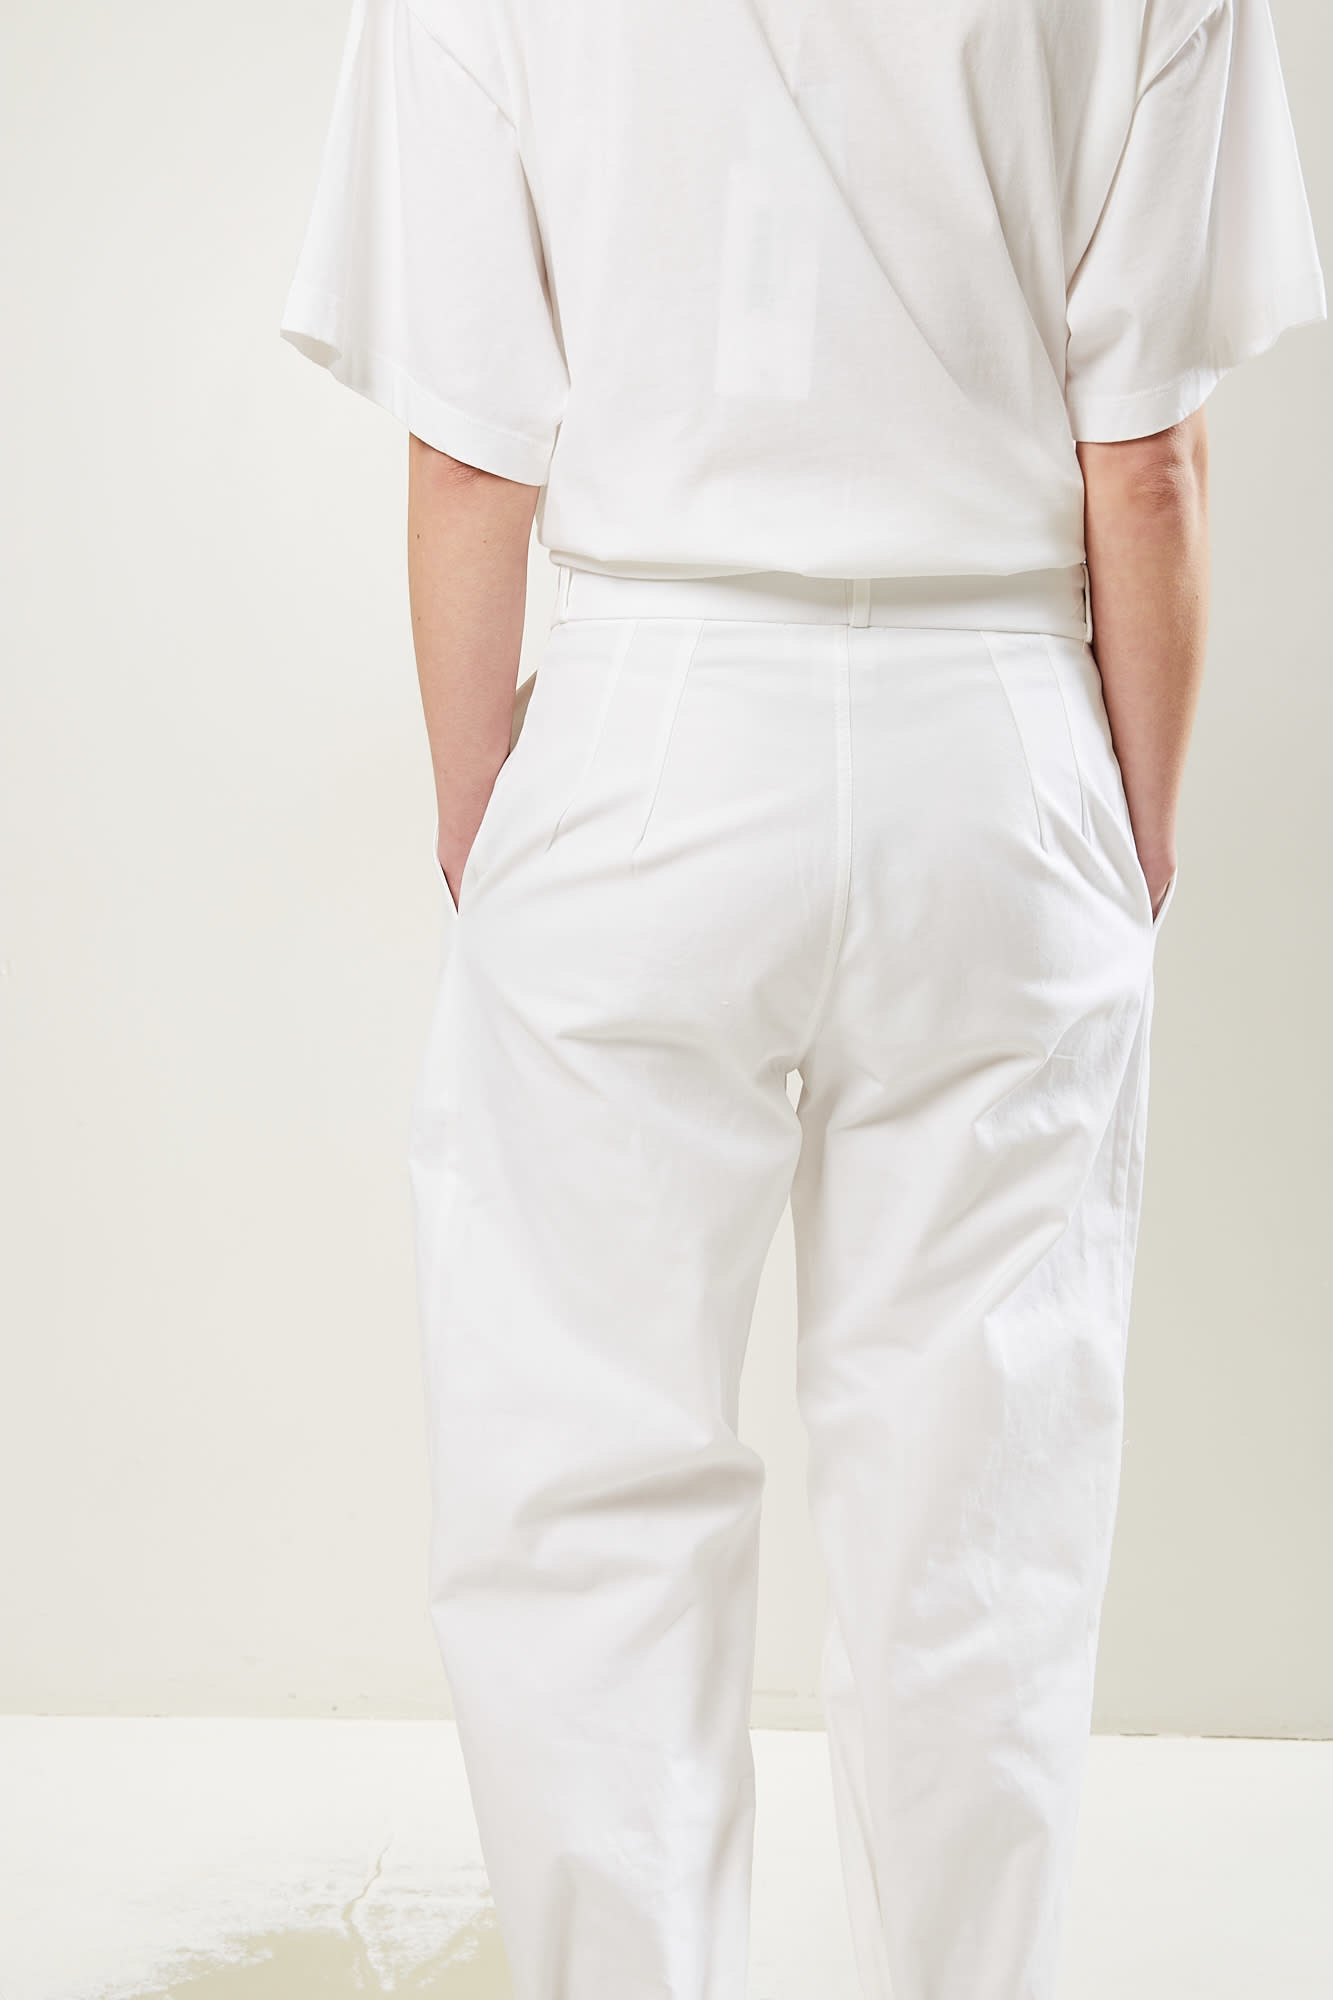 Monique van Heist - Natasja cotton straight pants